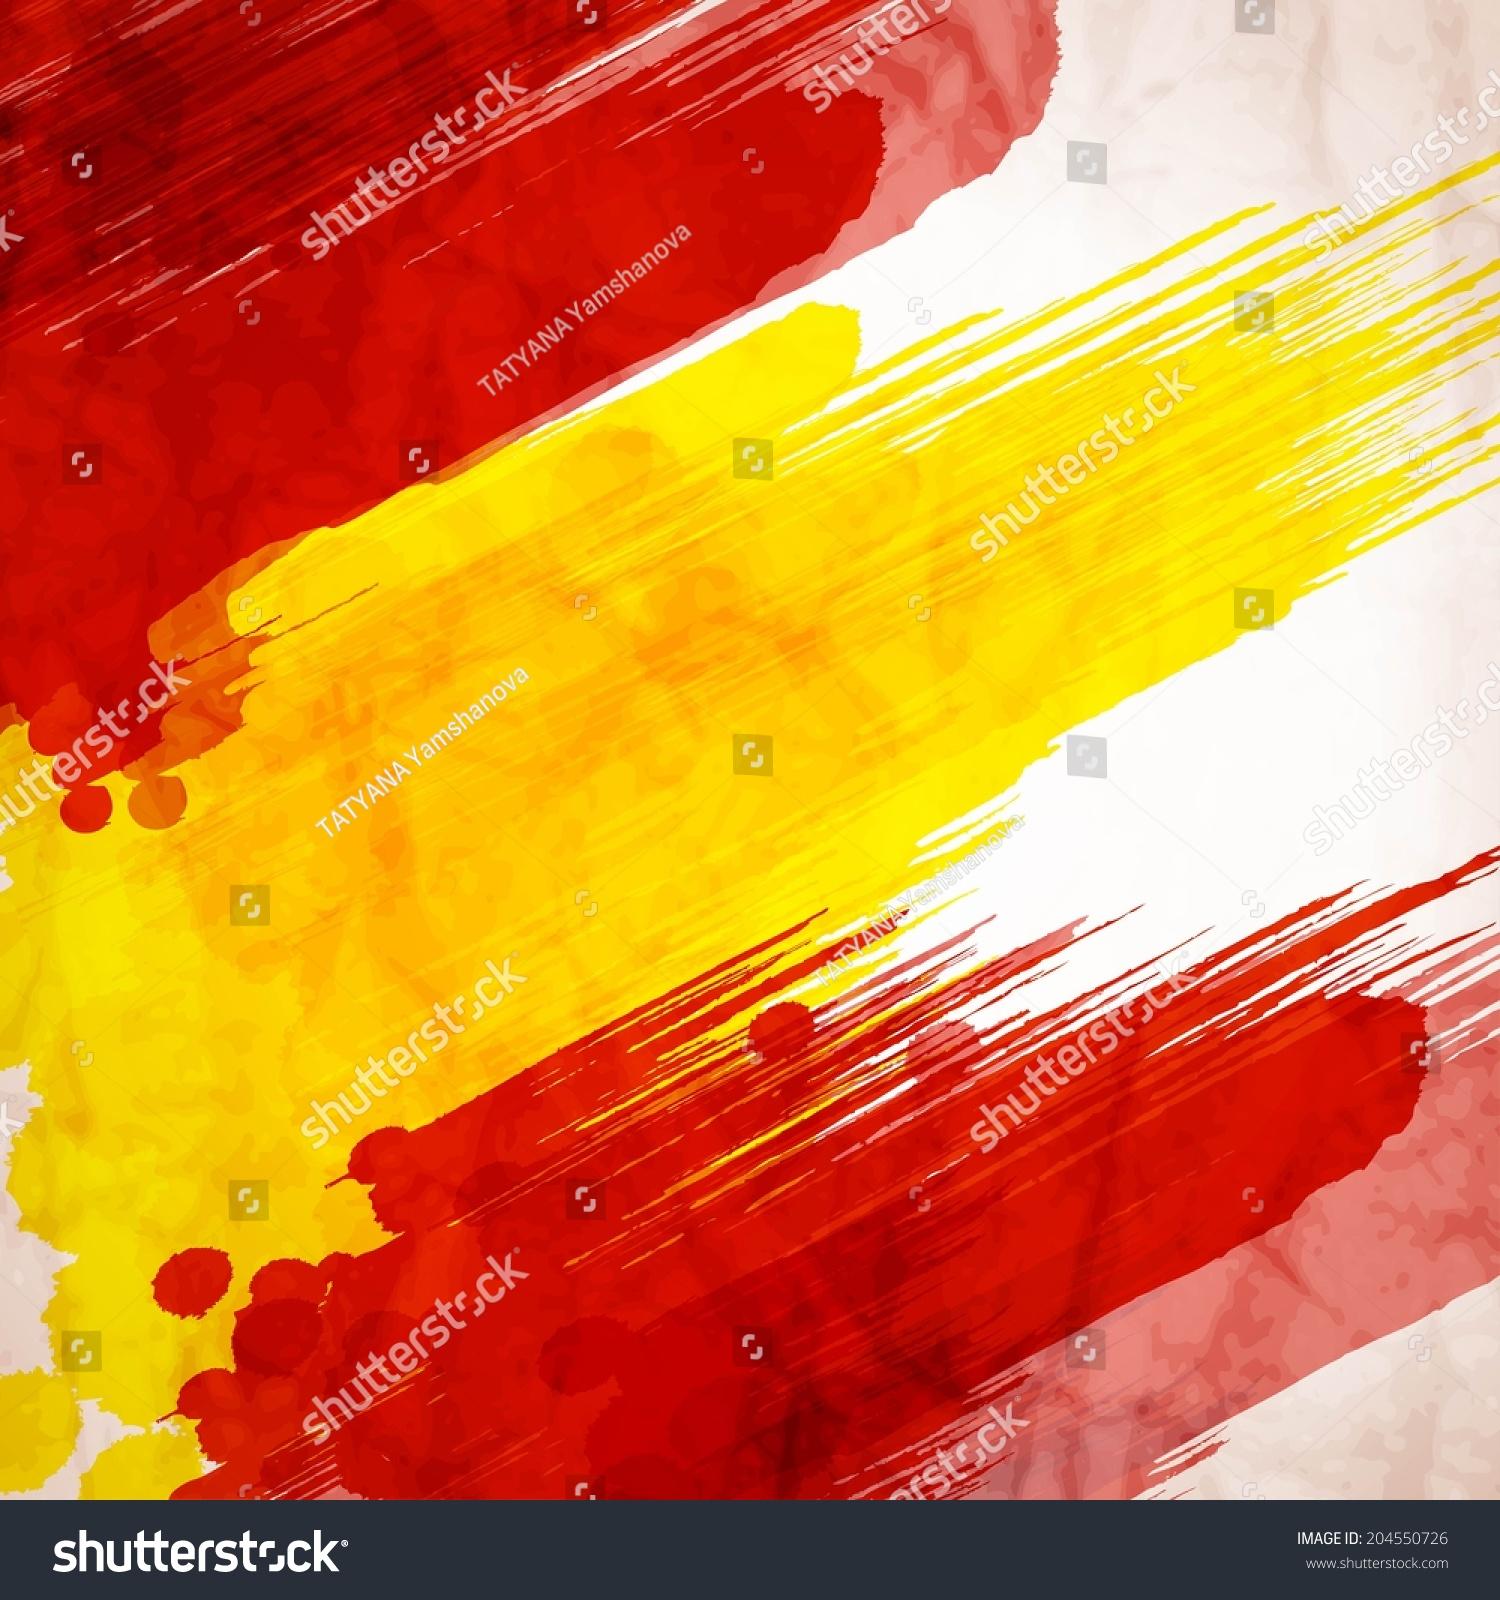 西班牙国旗的色彩鲜艳的色斑-背景/素材